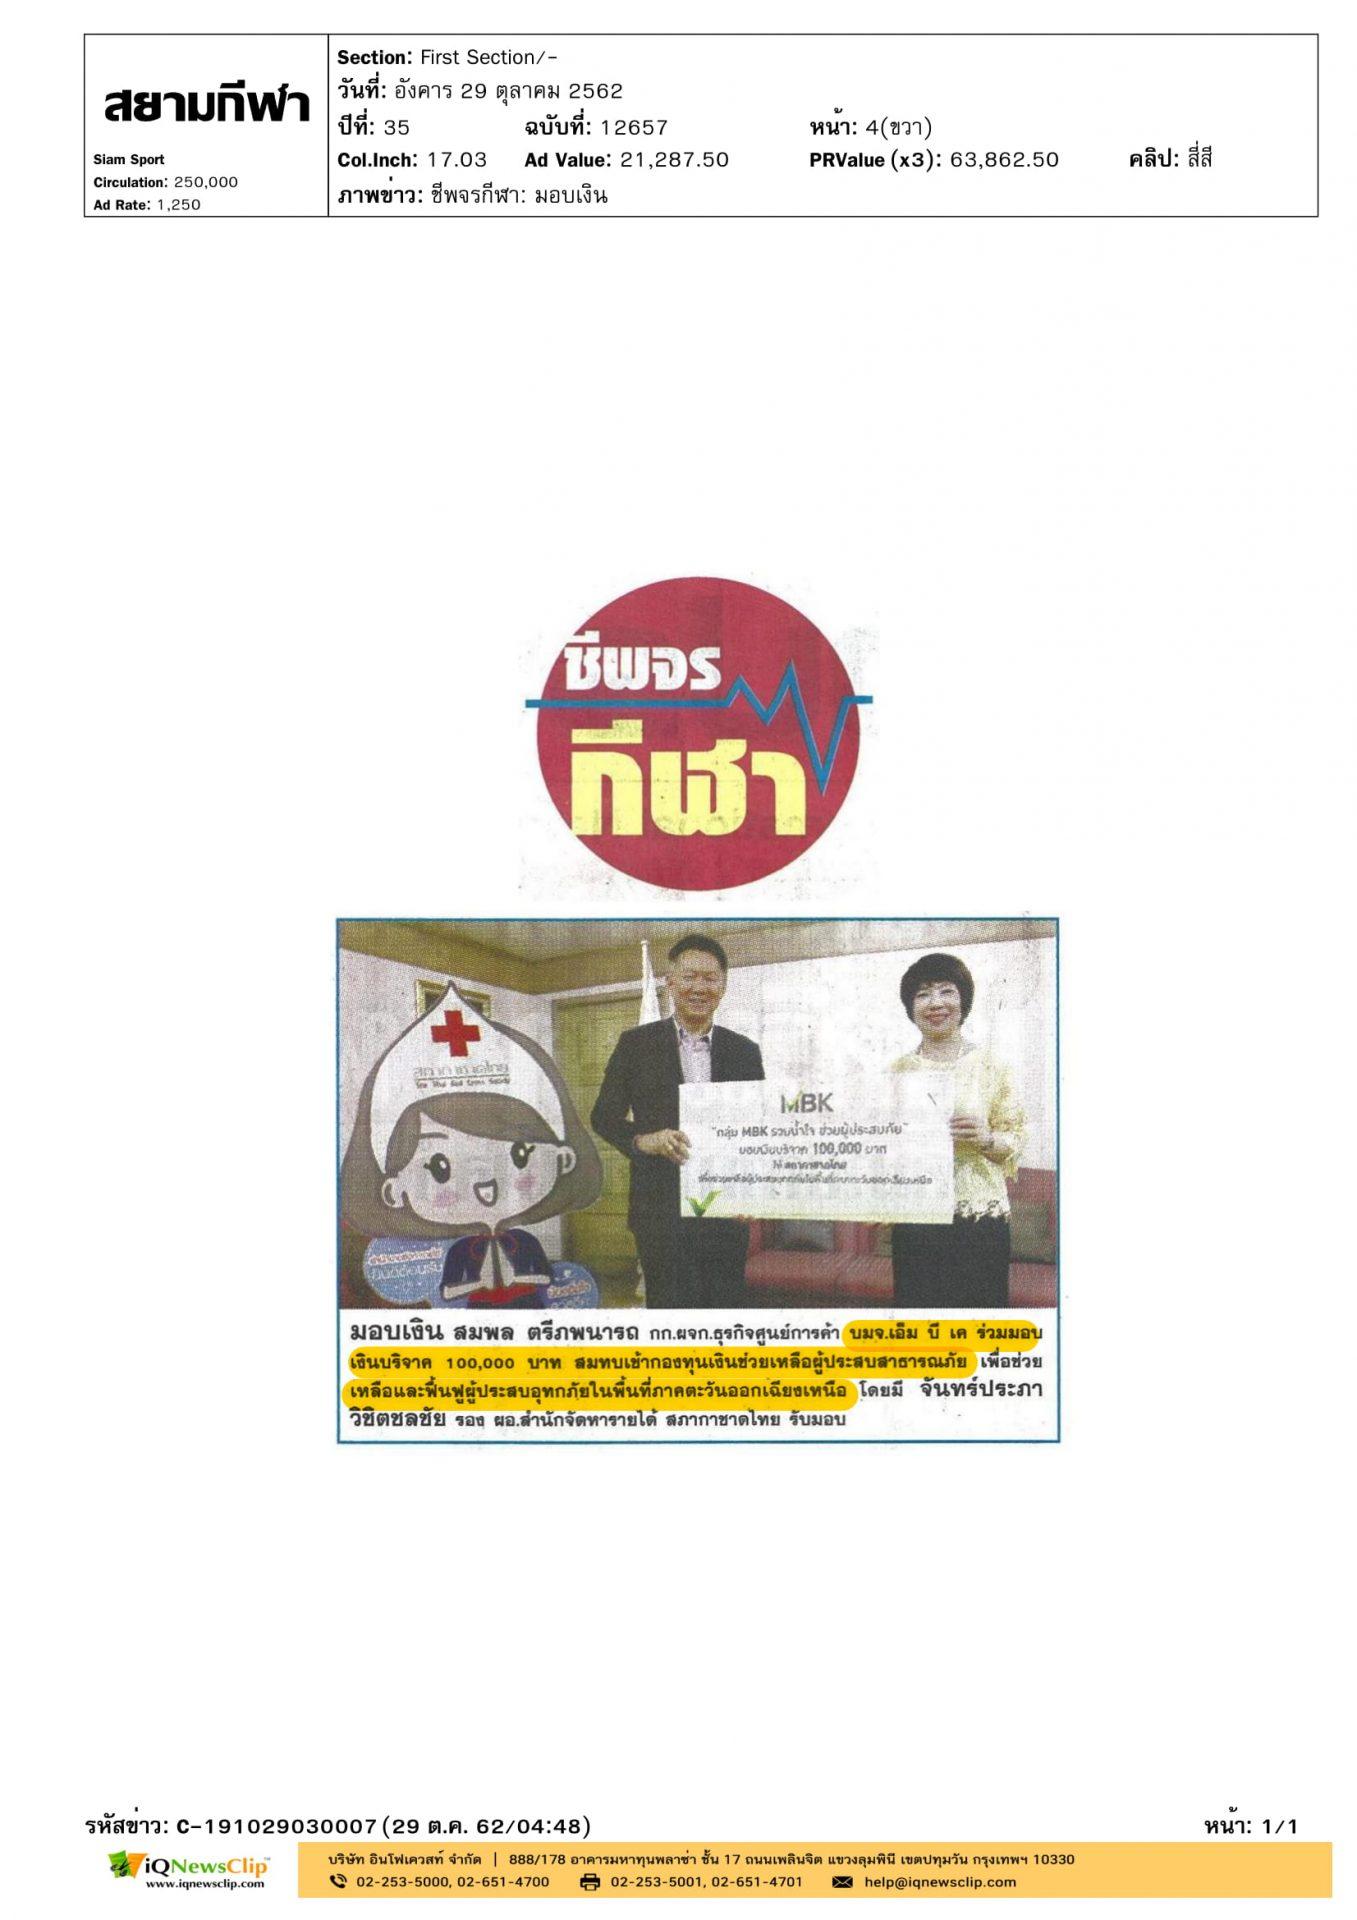 บมจ.เอ็ม บี เค มอบเงินให้แก่สภากาชาดไทย